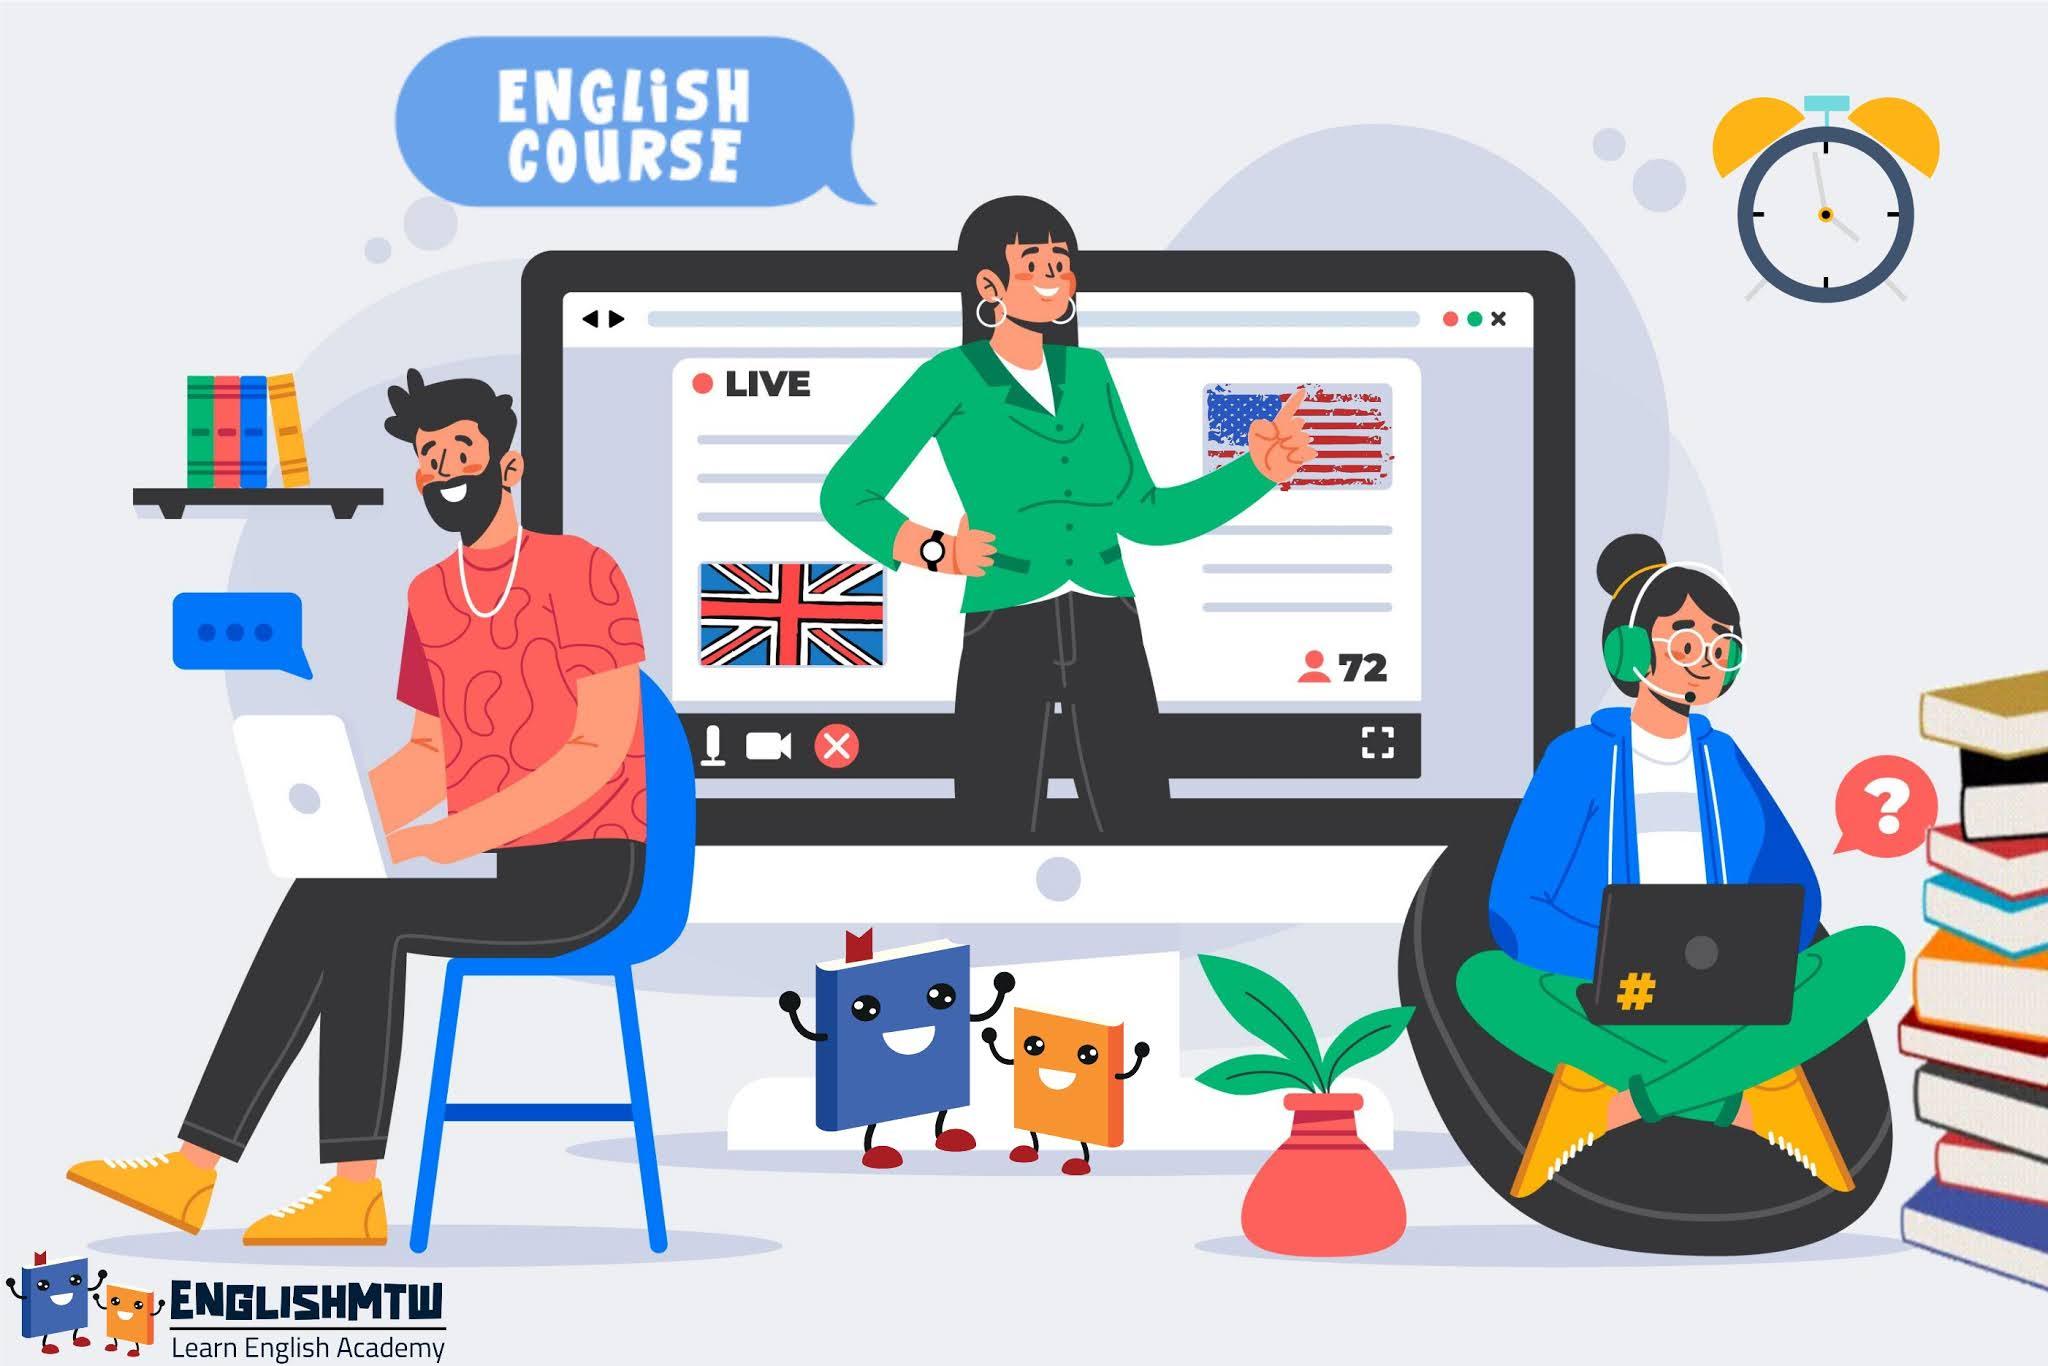 أشهر 6 دورات في اللغة الإنجليزية للمستوى المتوسط